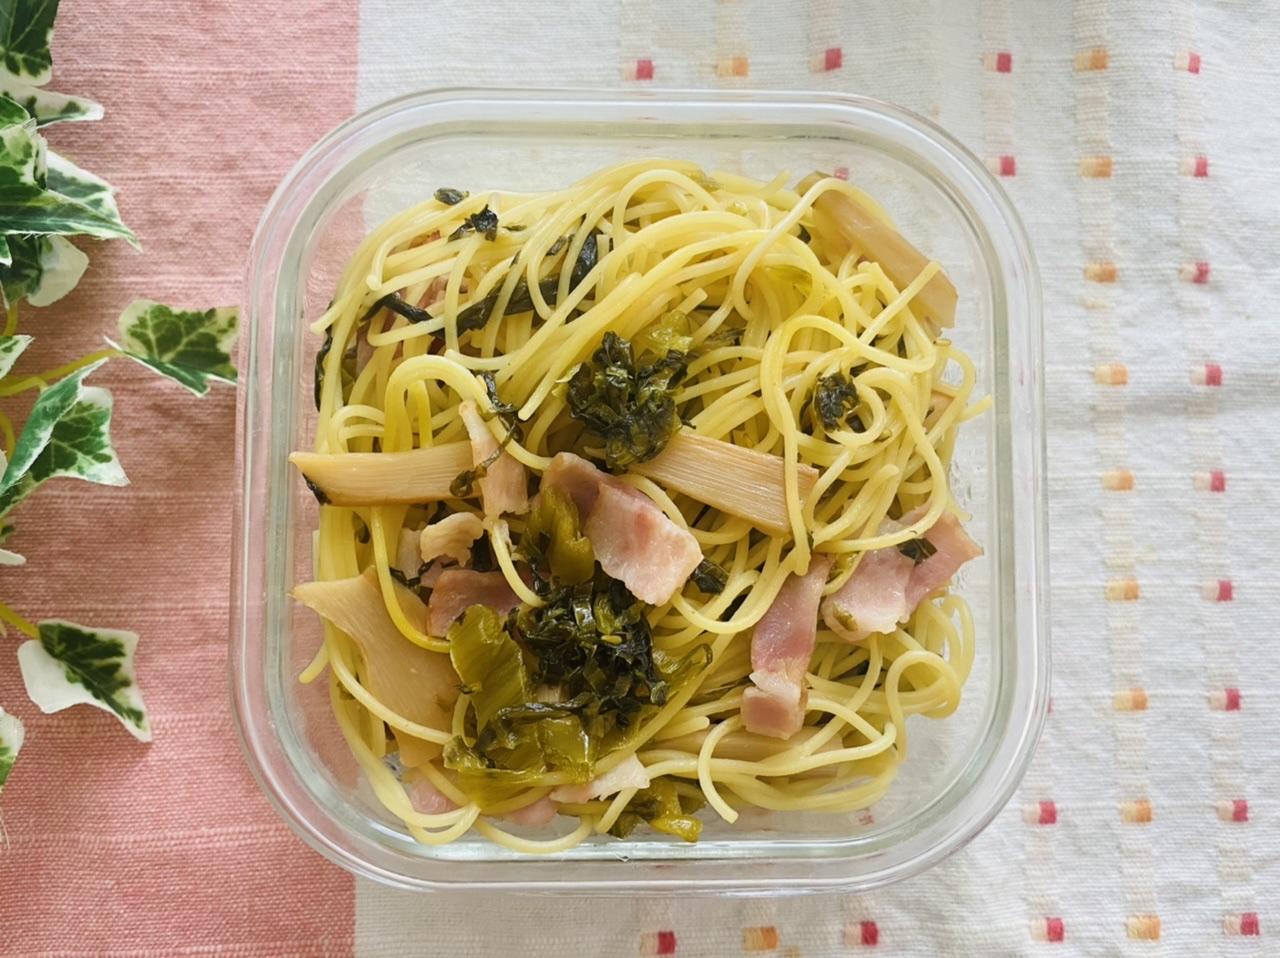 メンマと高菜とベーコンの中華パスタ